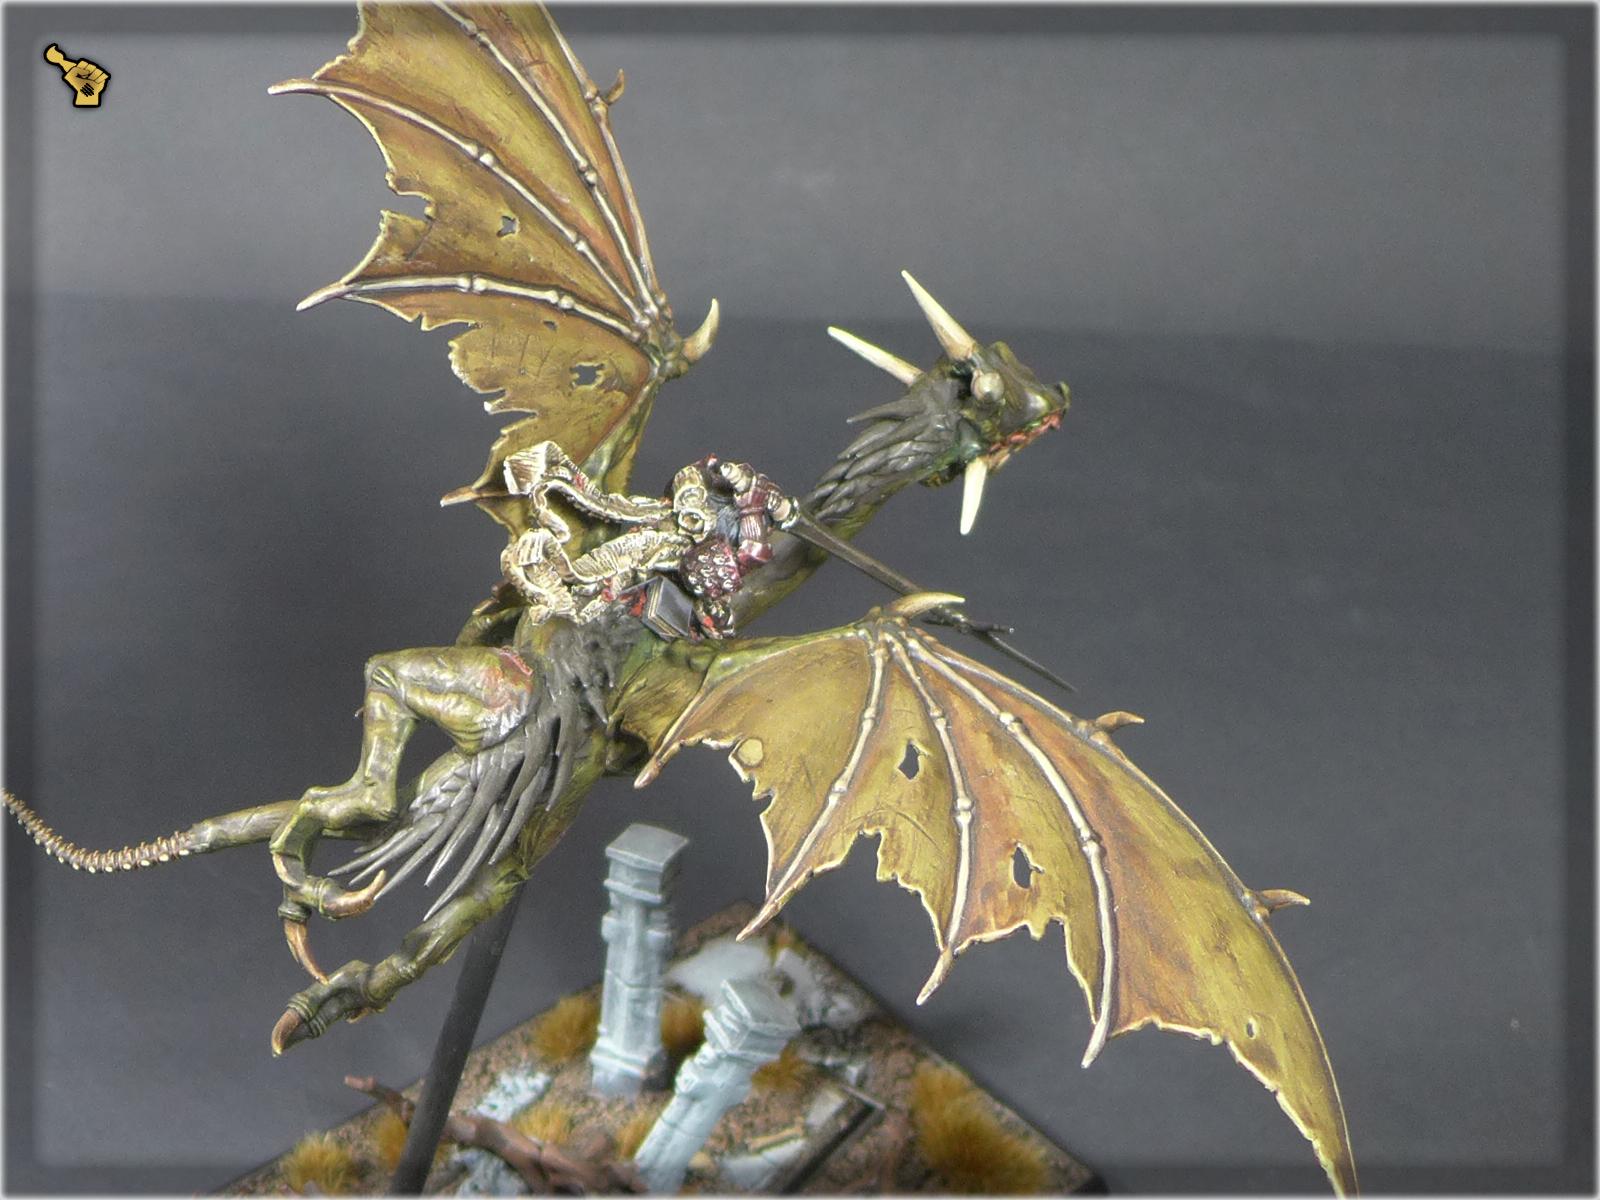 H Dragon 2